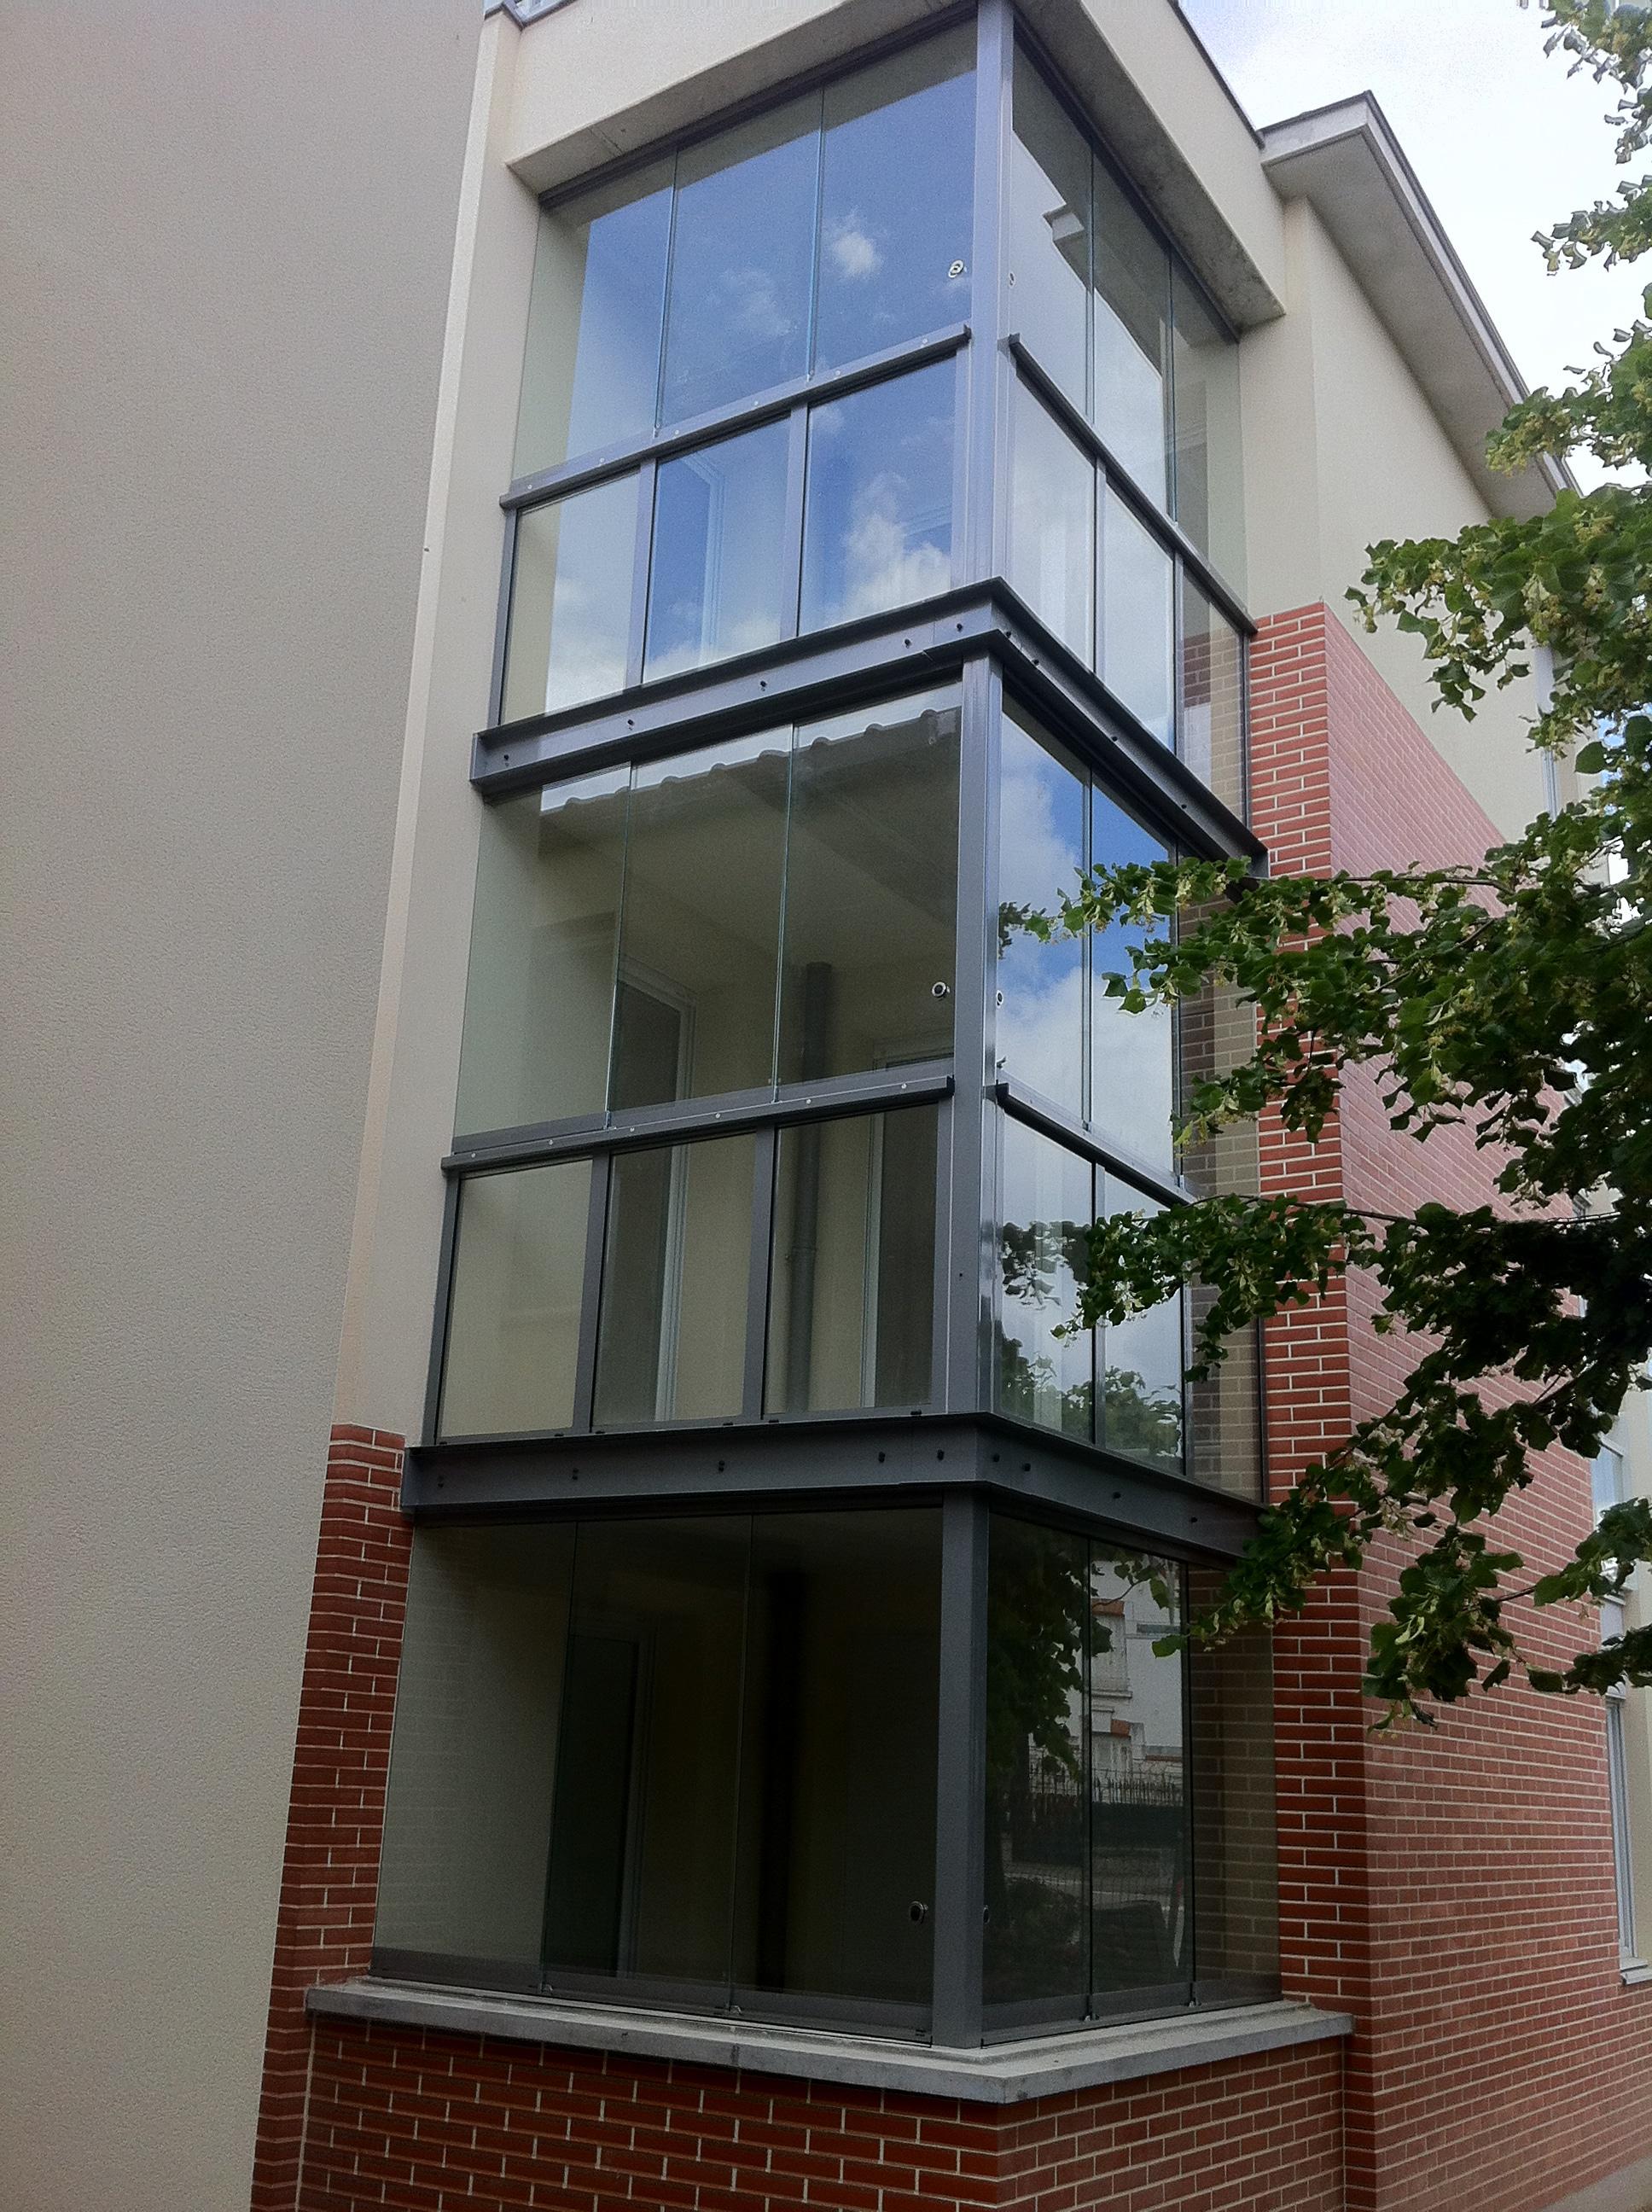 Balkonverglasung mit transparentem Gelände